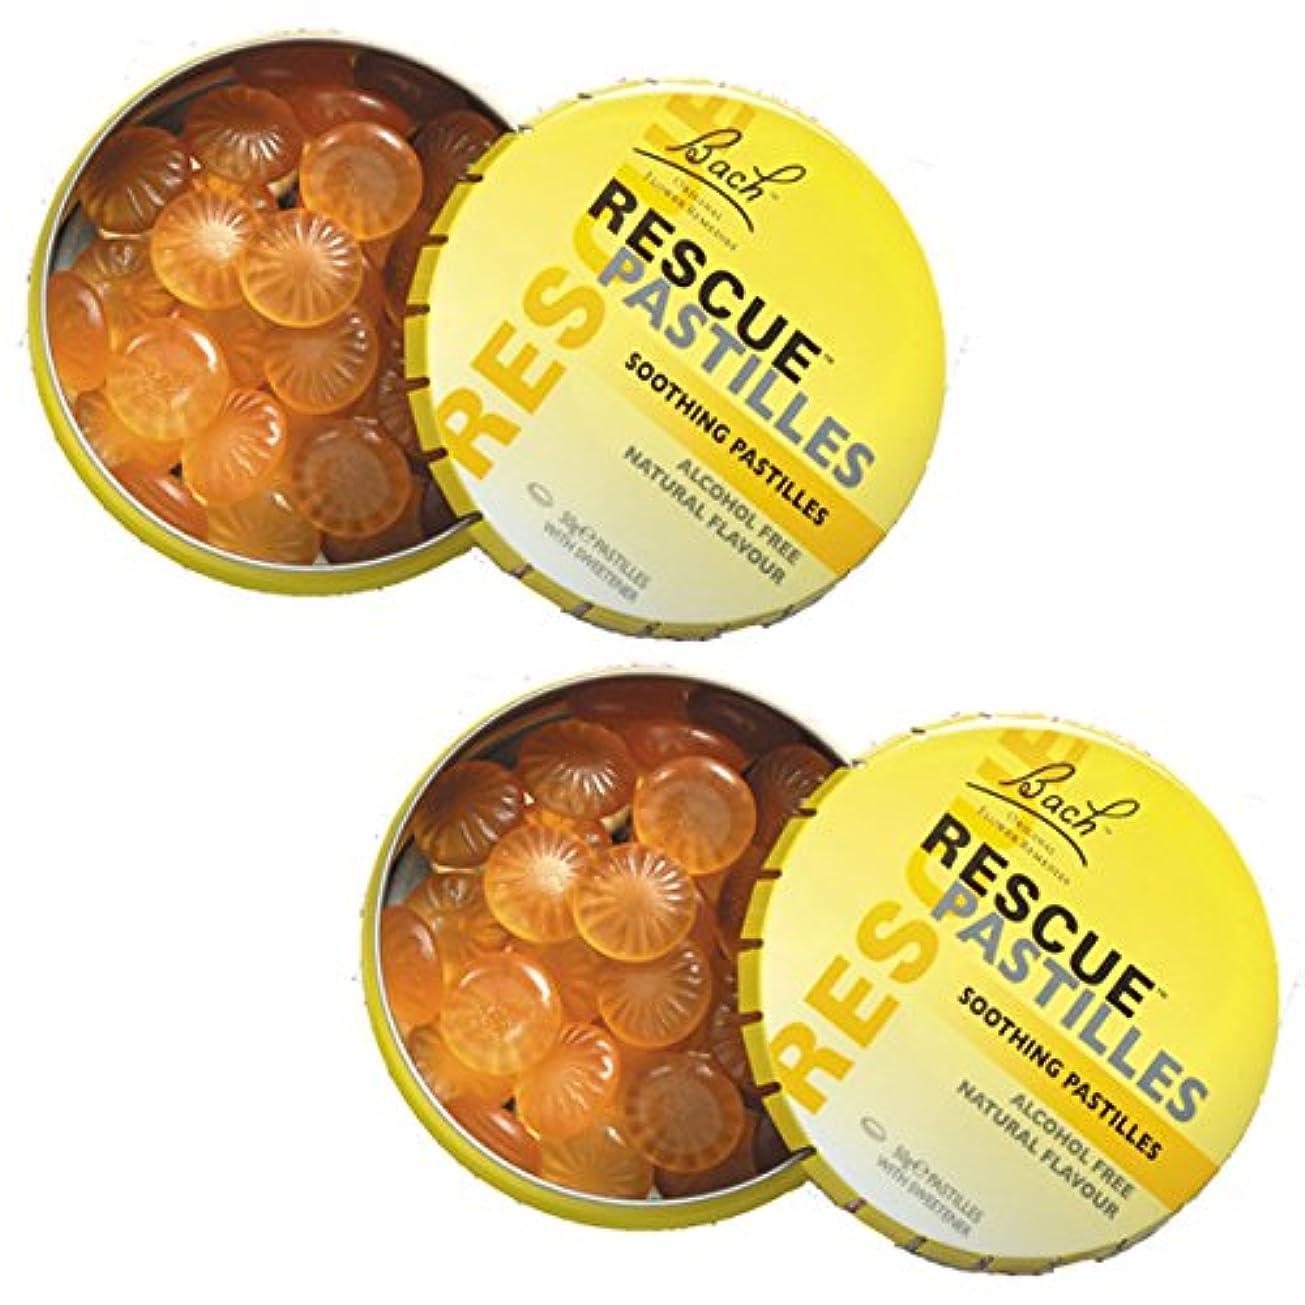 多年生意味する旋回【2個セット】 レスキューパステル 50g 日本国内正規品